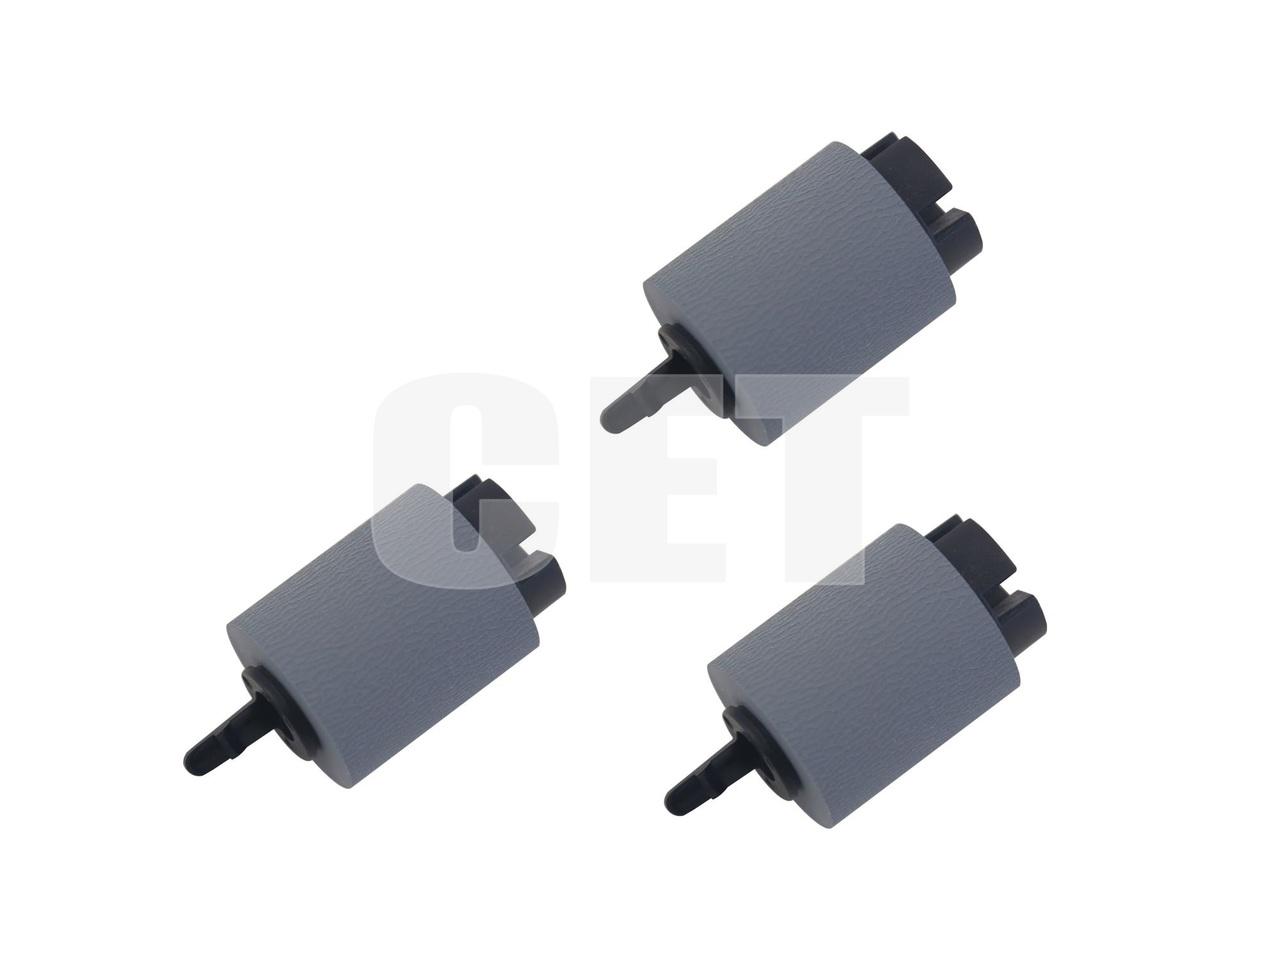 Ролик подхвата/подачи/отделения XRESP60-08000 дляSHARP MX-B355W/455W (CET), CET511010